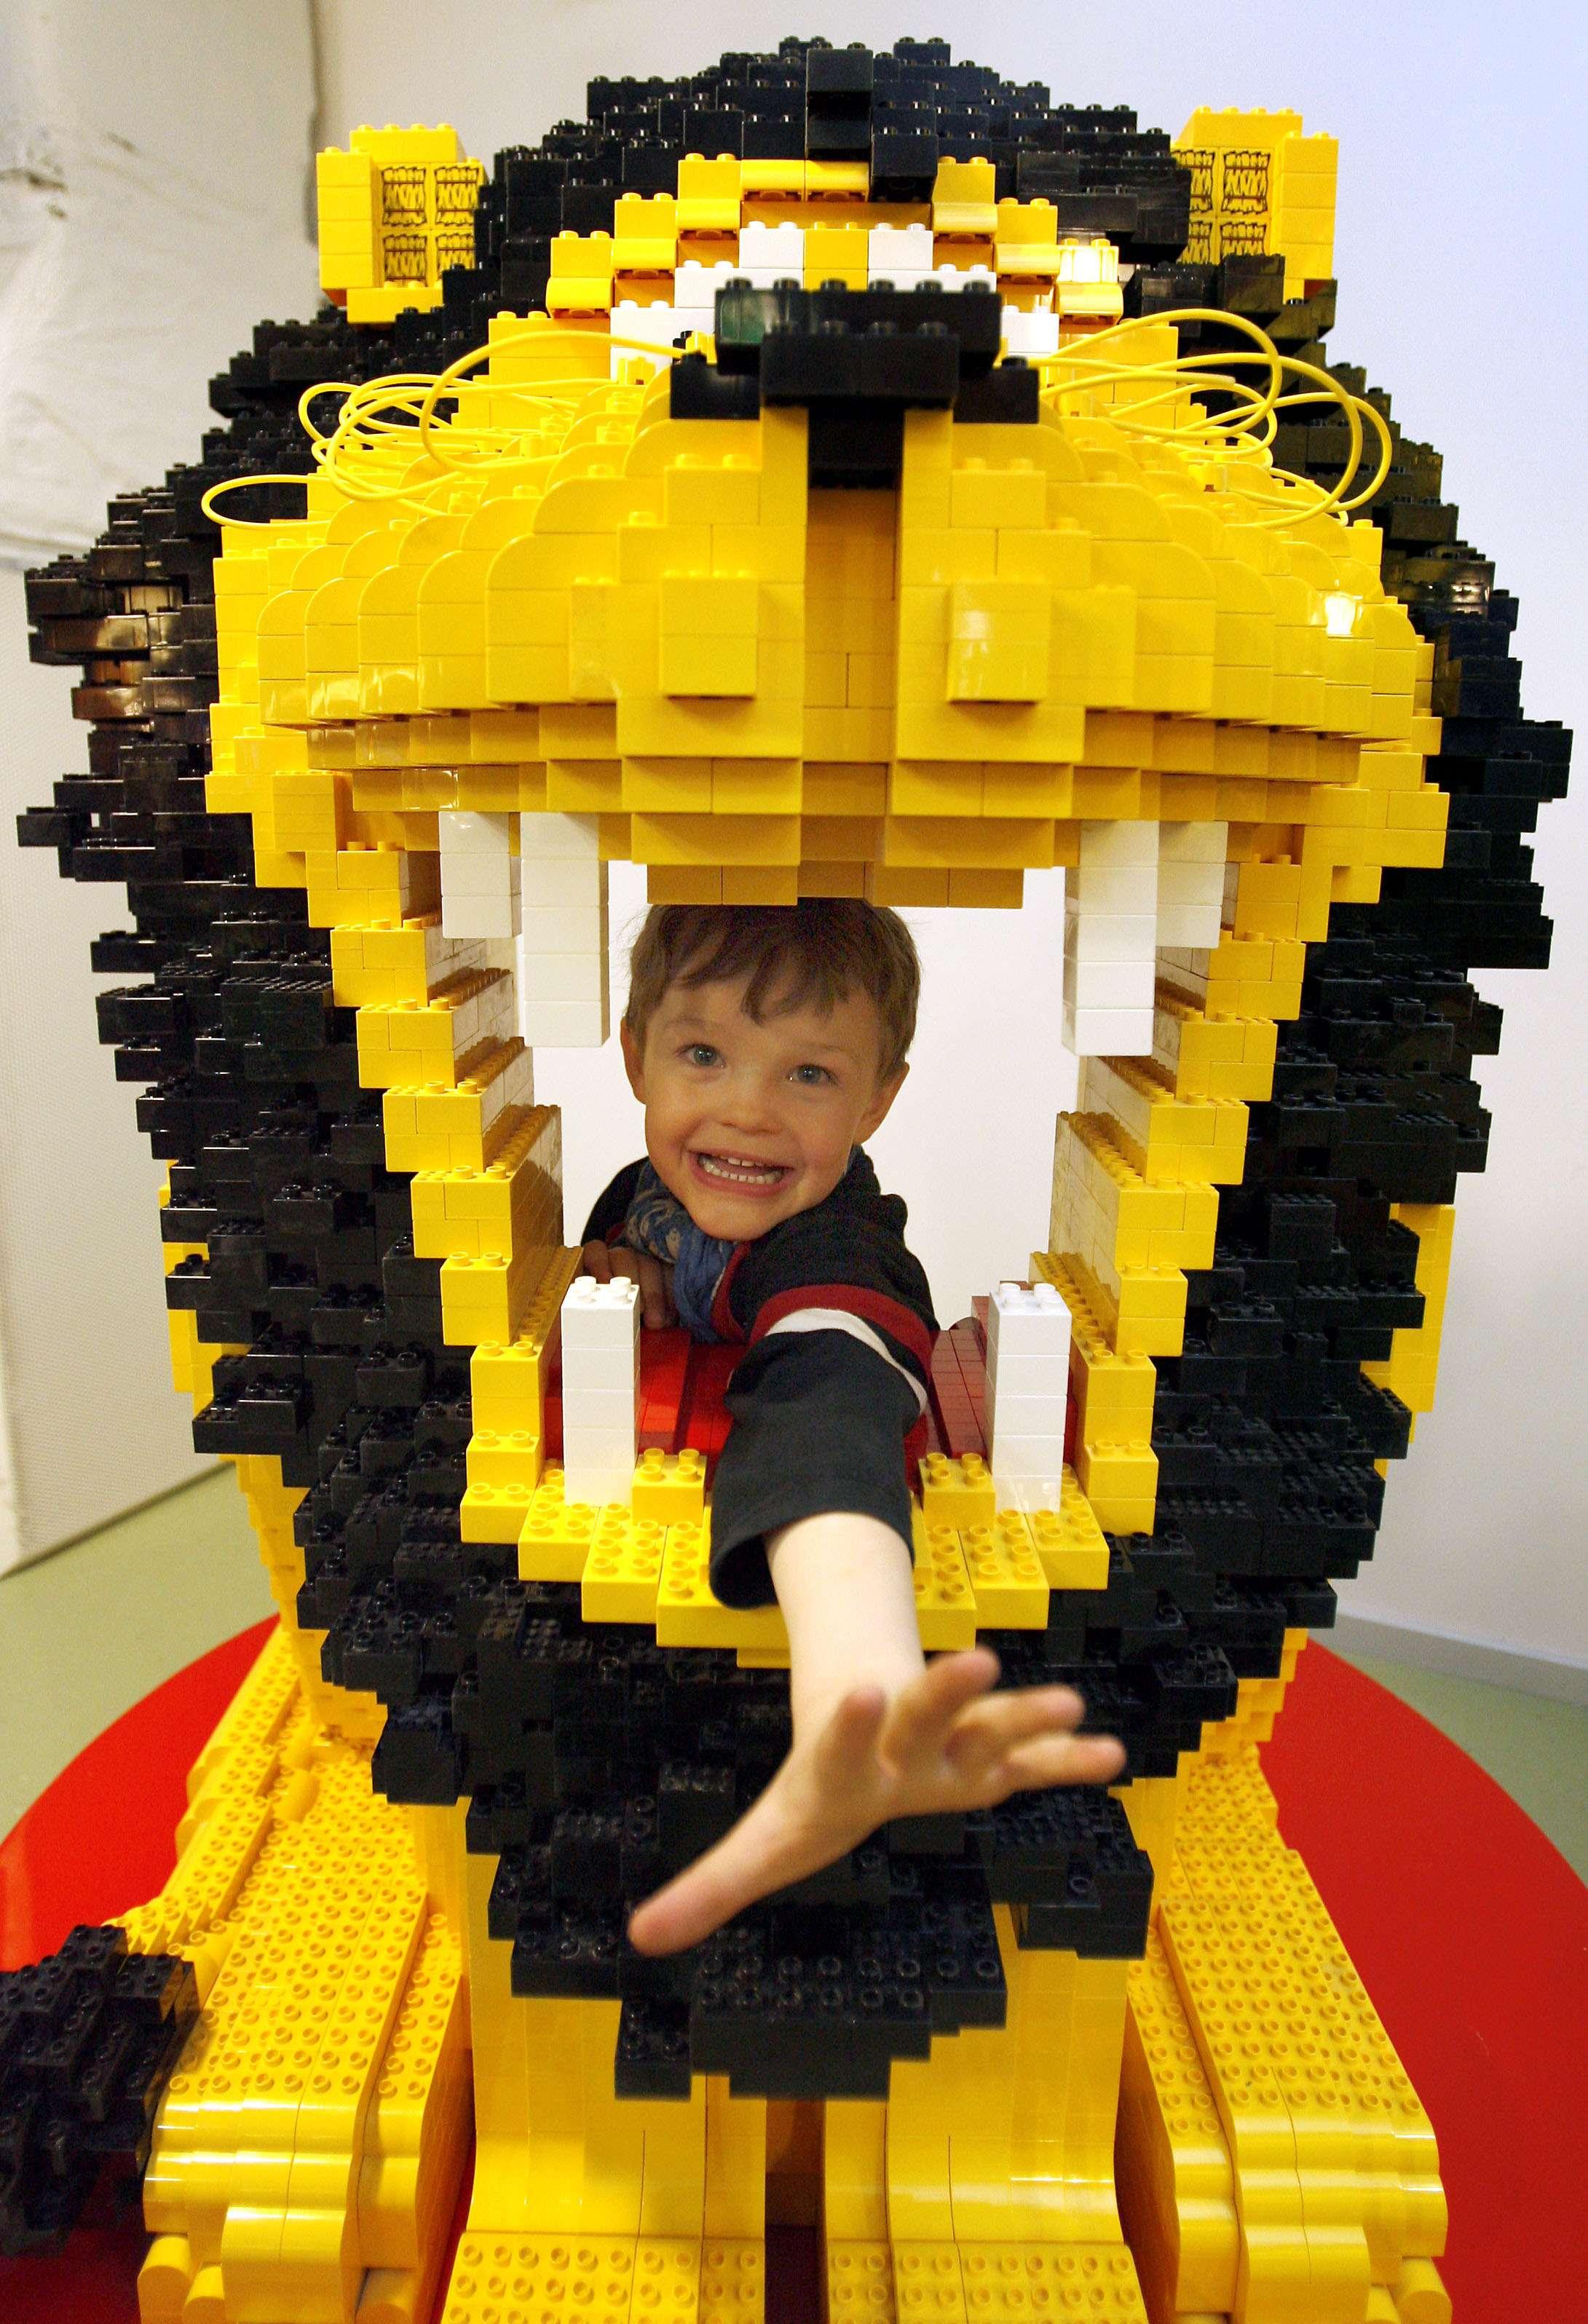 Los niños son los mayores visitantes del Museo del Lego en Berlín. Foto: AP